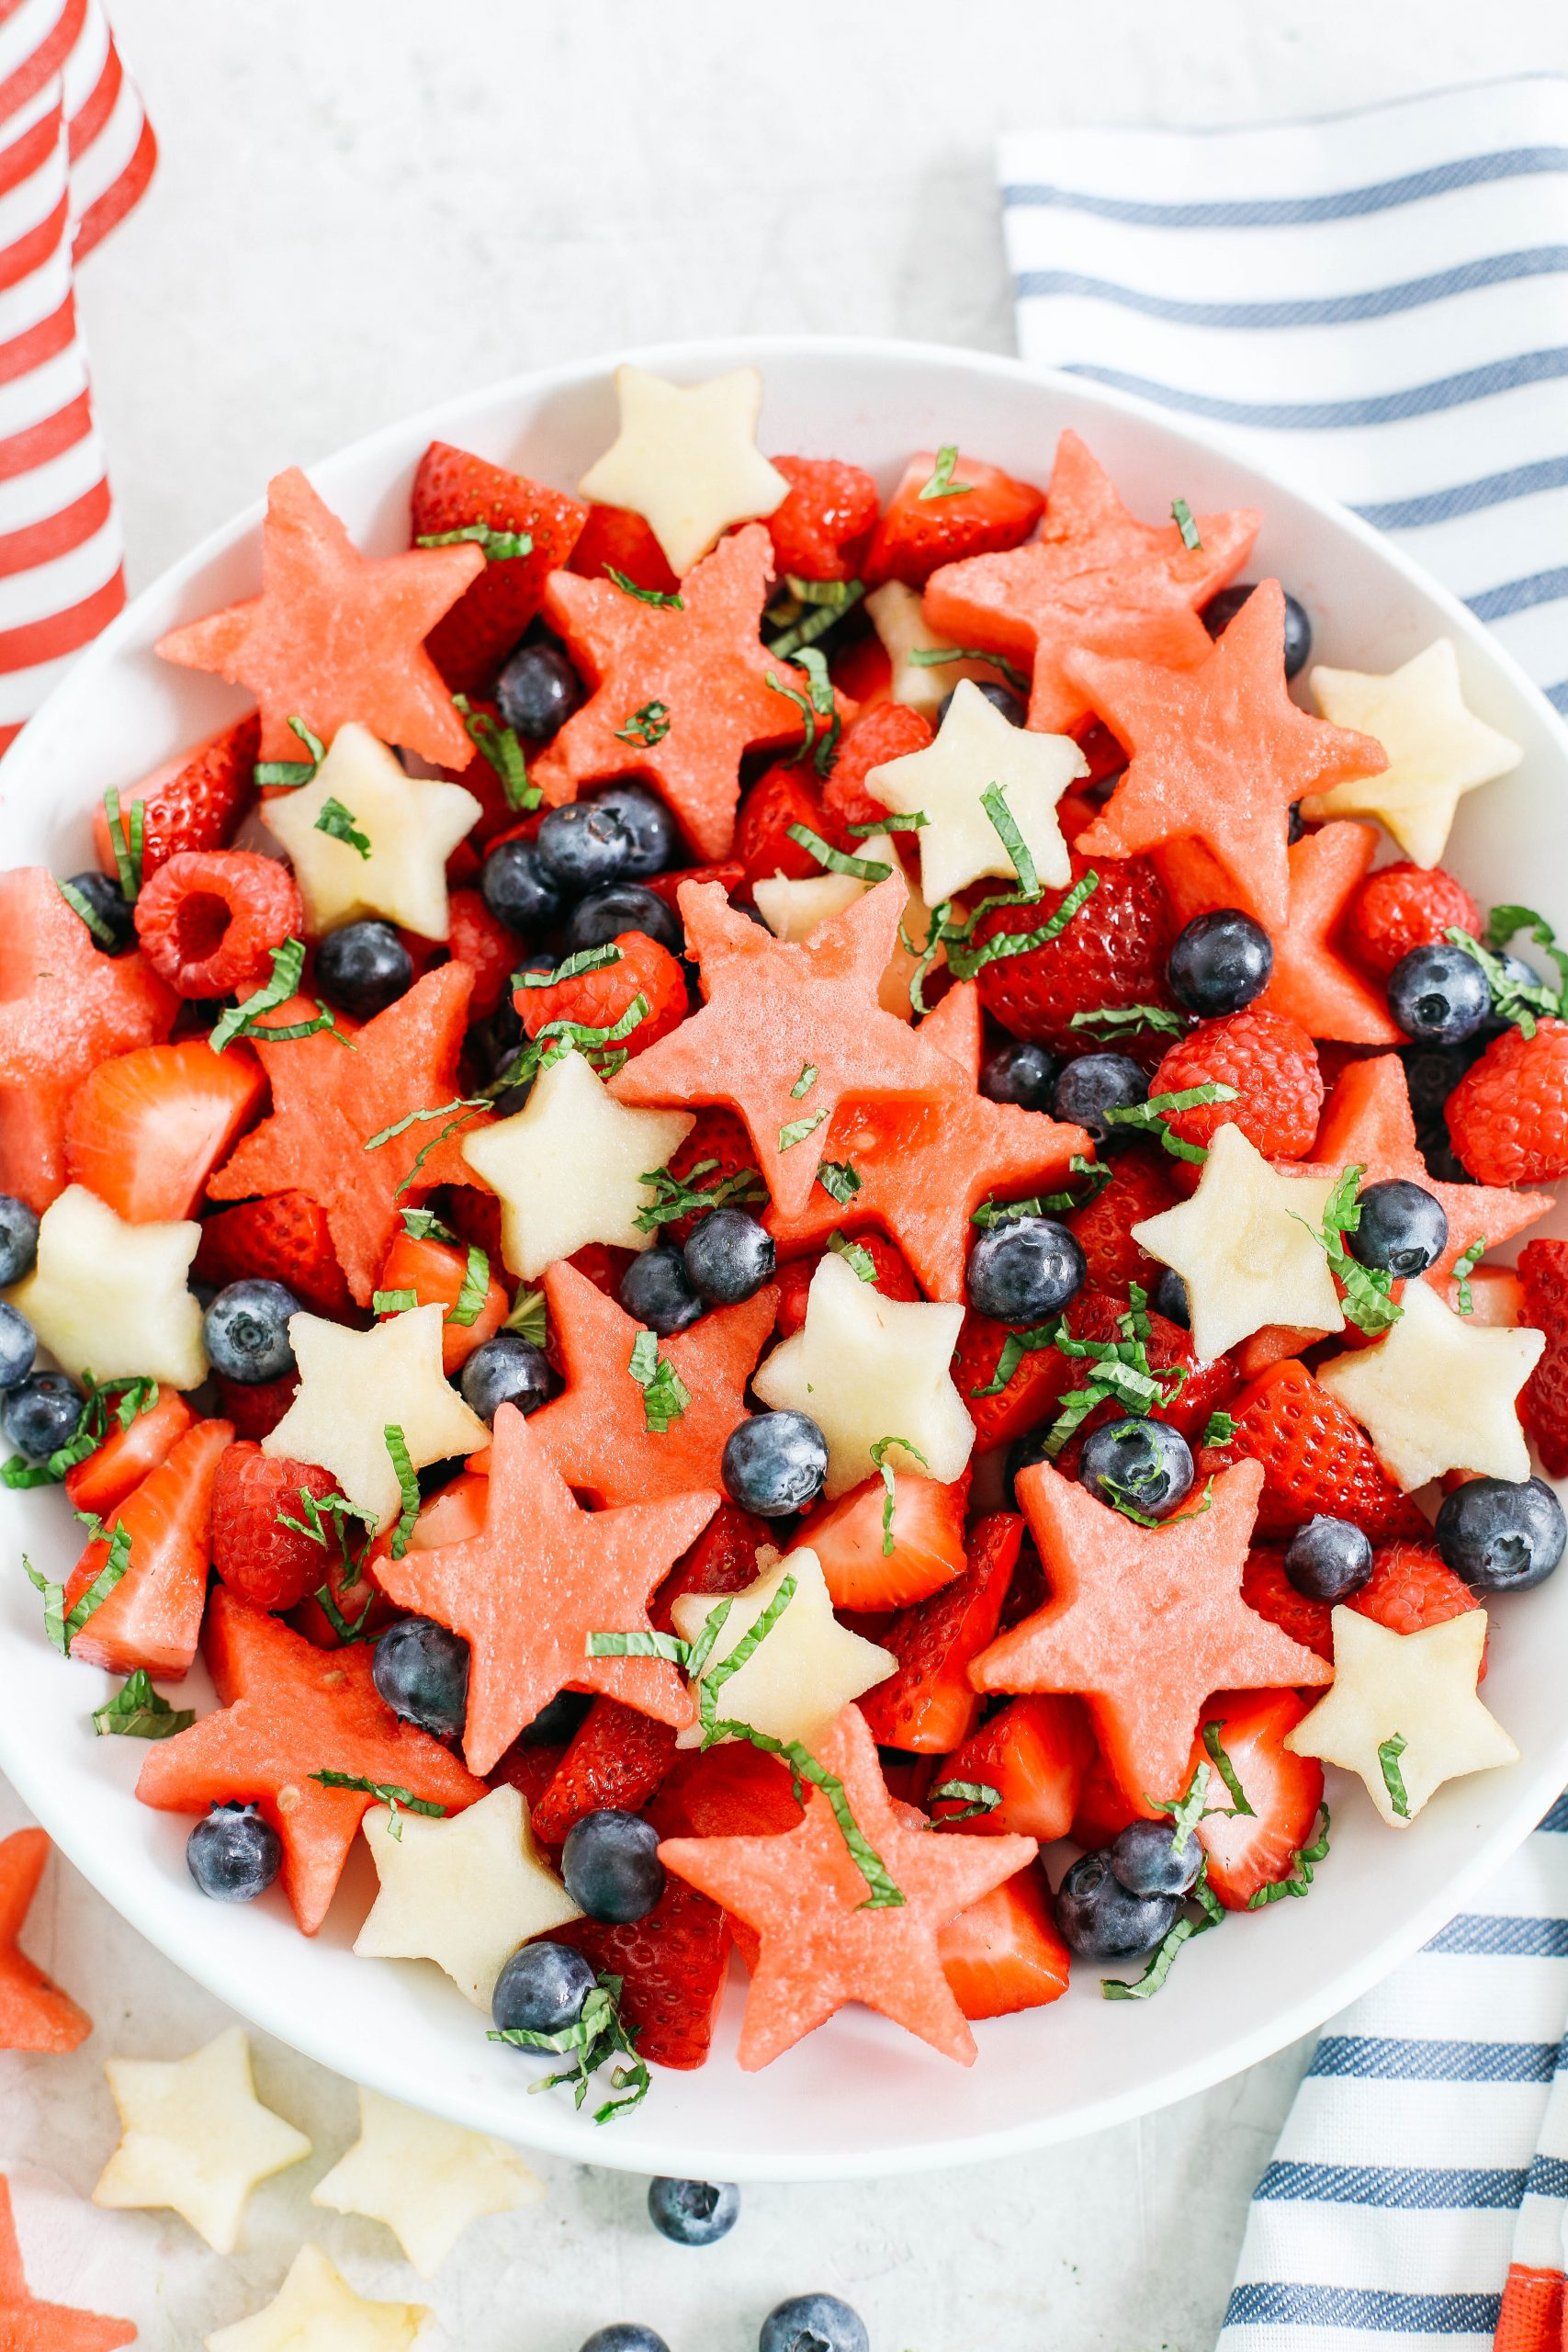 Comece no final de semana do dia 4 de julho com esta salada de frutas vermelha, branca e mirtilo, fresca e festiva, com melancia suculenta, maçãs crocantes e frutas deliciosas, todos juntos em um molho cítrico com mel!